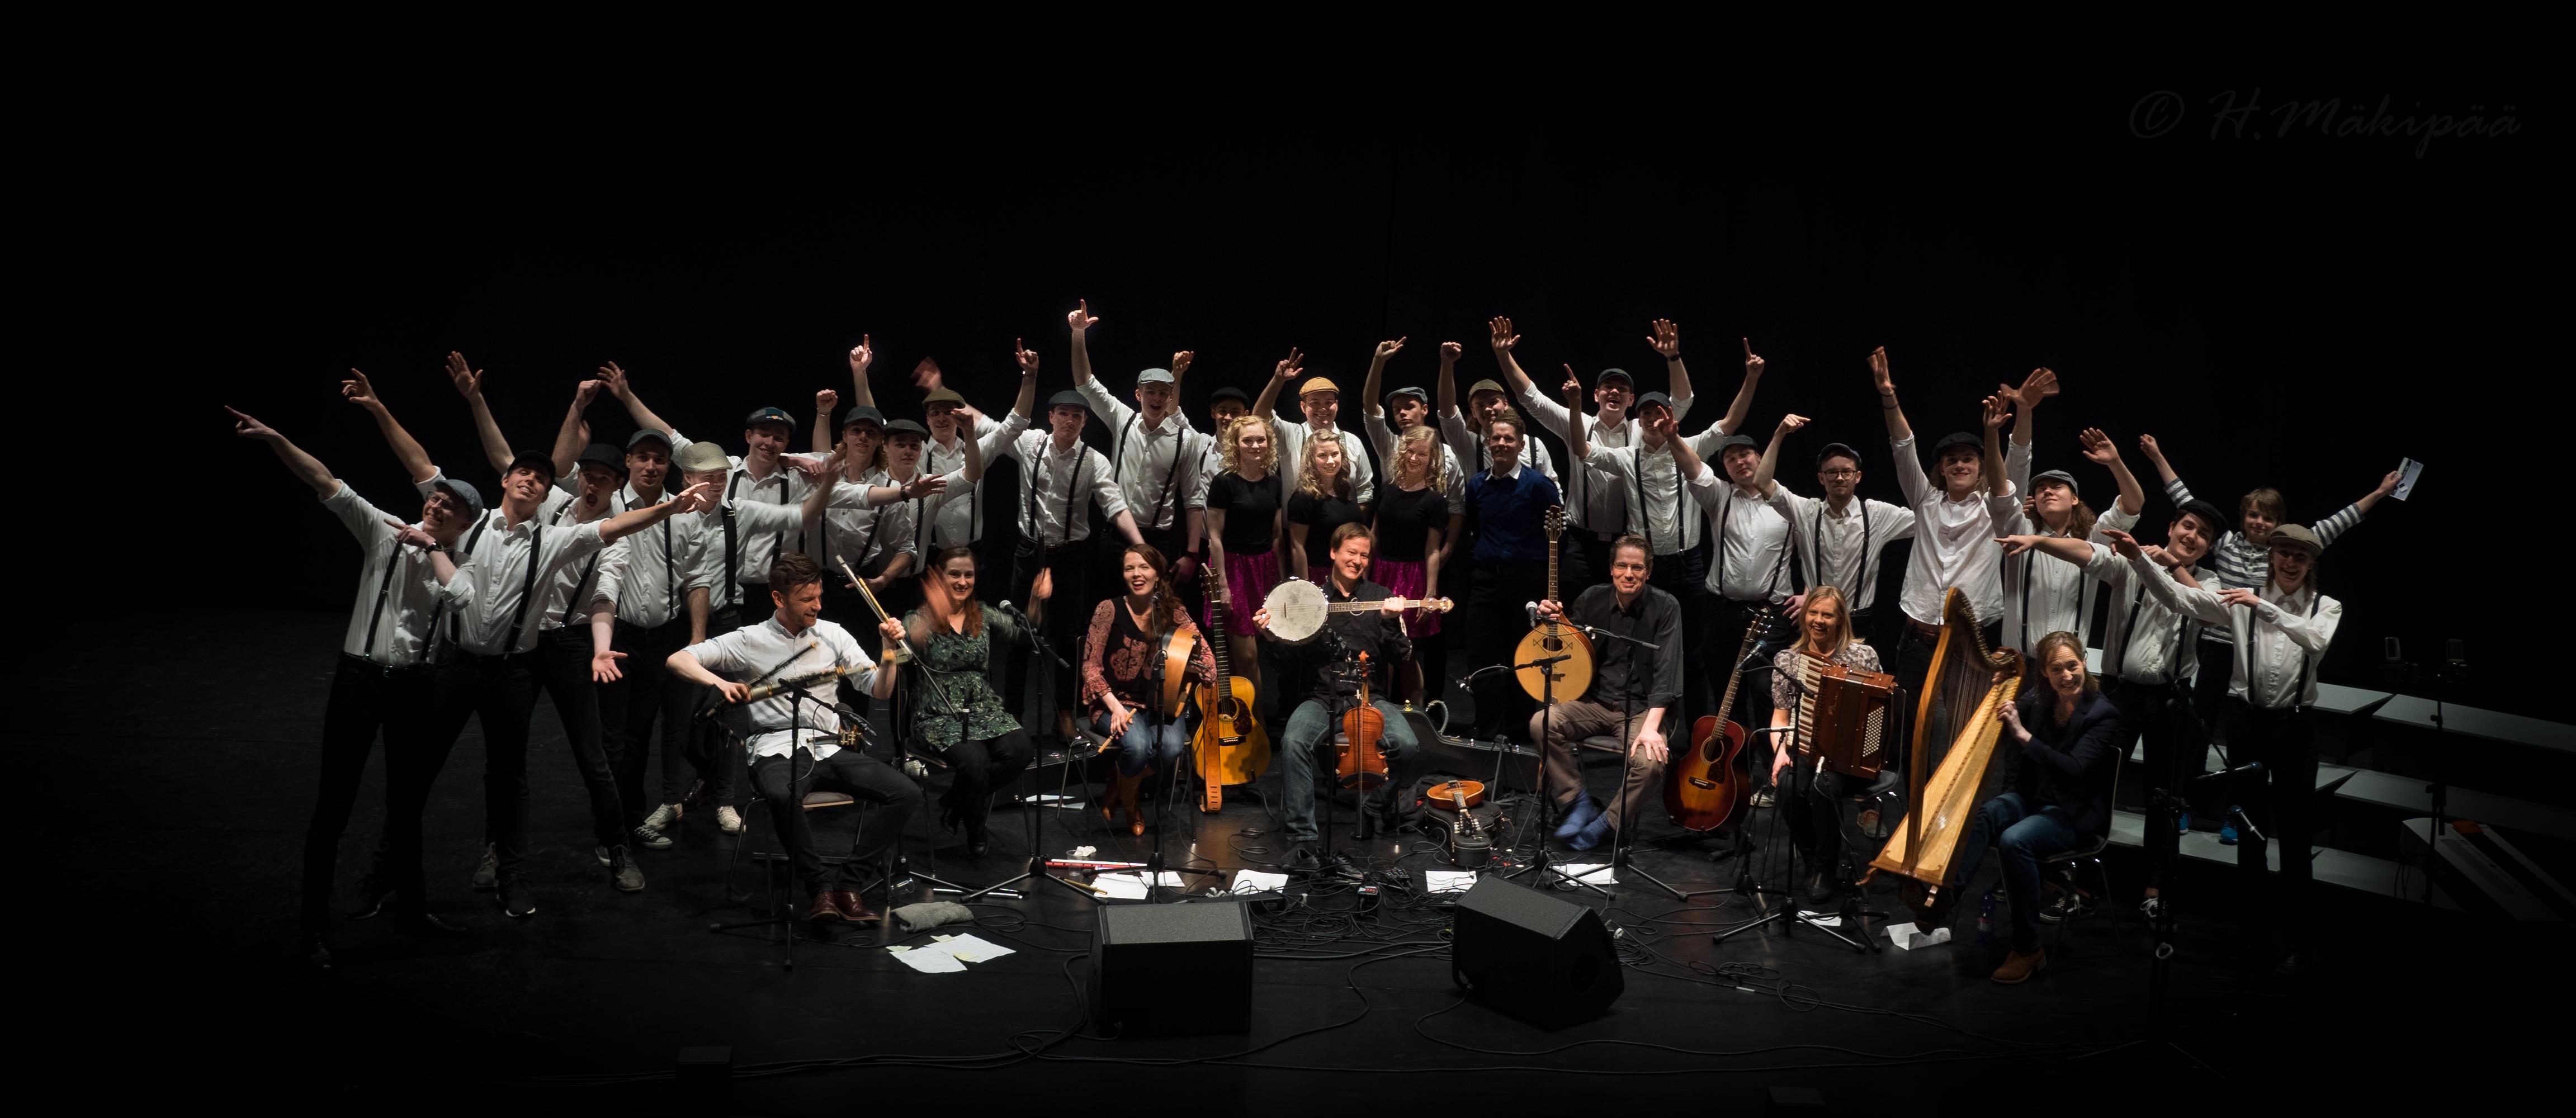 Eala, irlantilaiset muusikkovieraat ja Mieskuoro Testostenorit Kangasala Irish Festivalilla Kangasala-talossa. Kuva: Harri Mäkipää